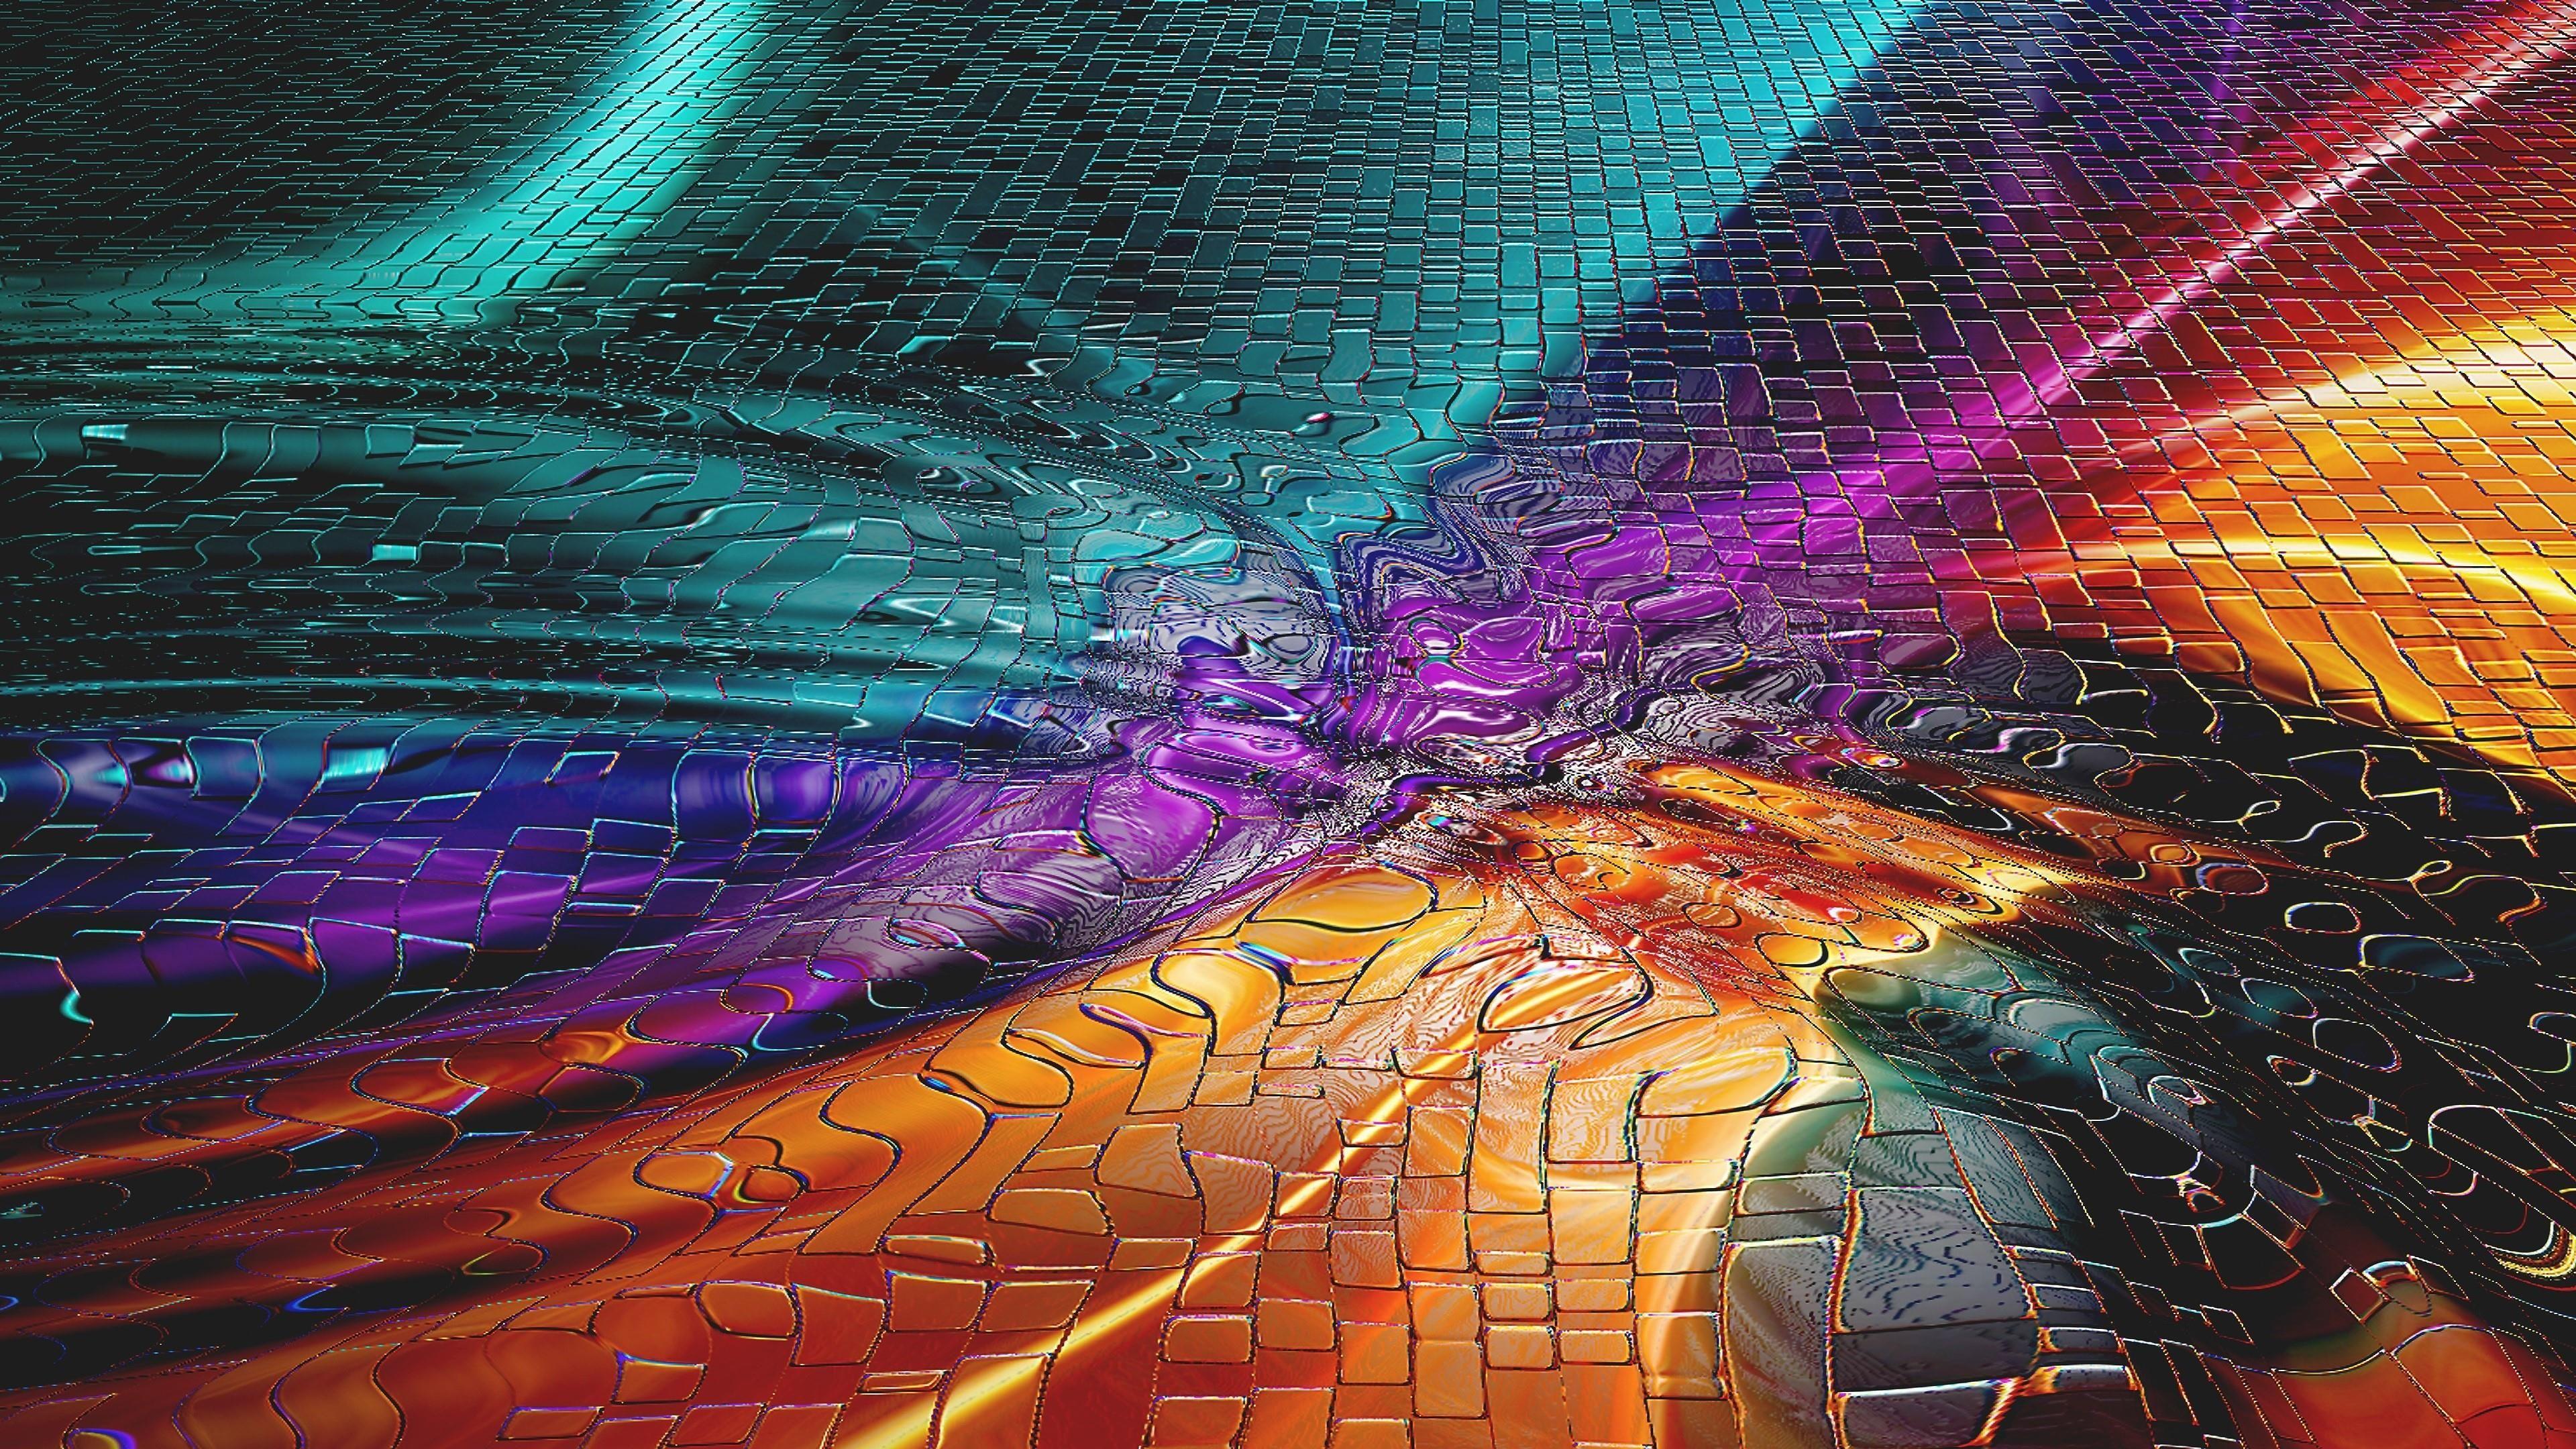 Háttérkép absztrakt kategóriából 4k background, Abstract